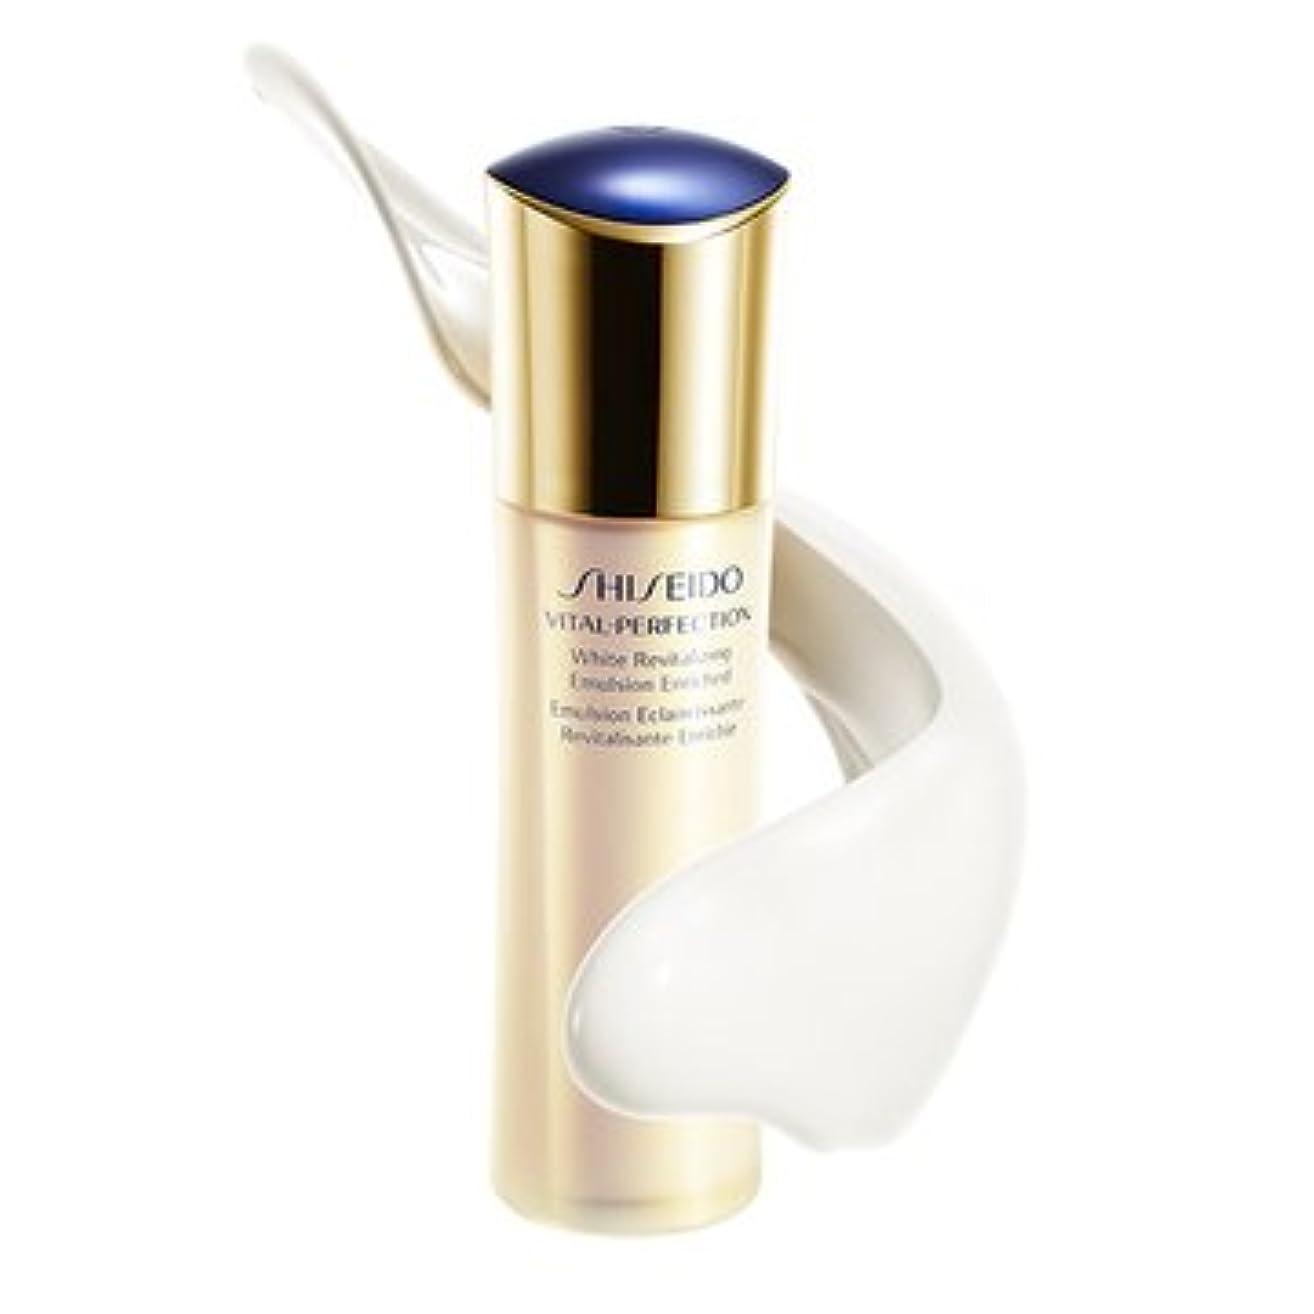 傾向がありますトンネルストライク資生堂/shiseido バイタルパーフェクション/VITAL-PERFECTION ホワイトRV エマルジョン(医薬部外品)美白乳液